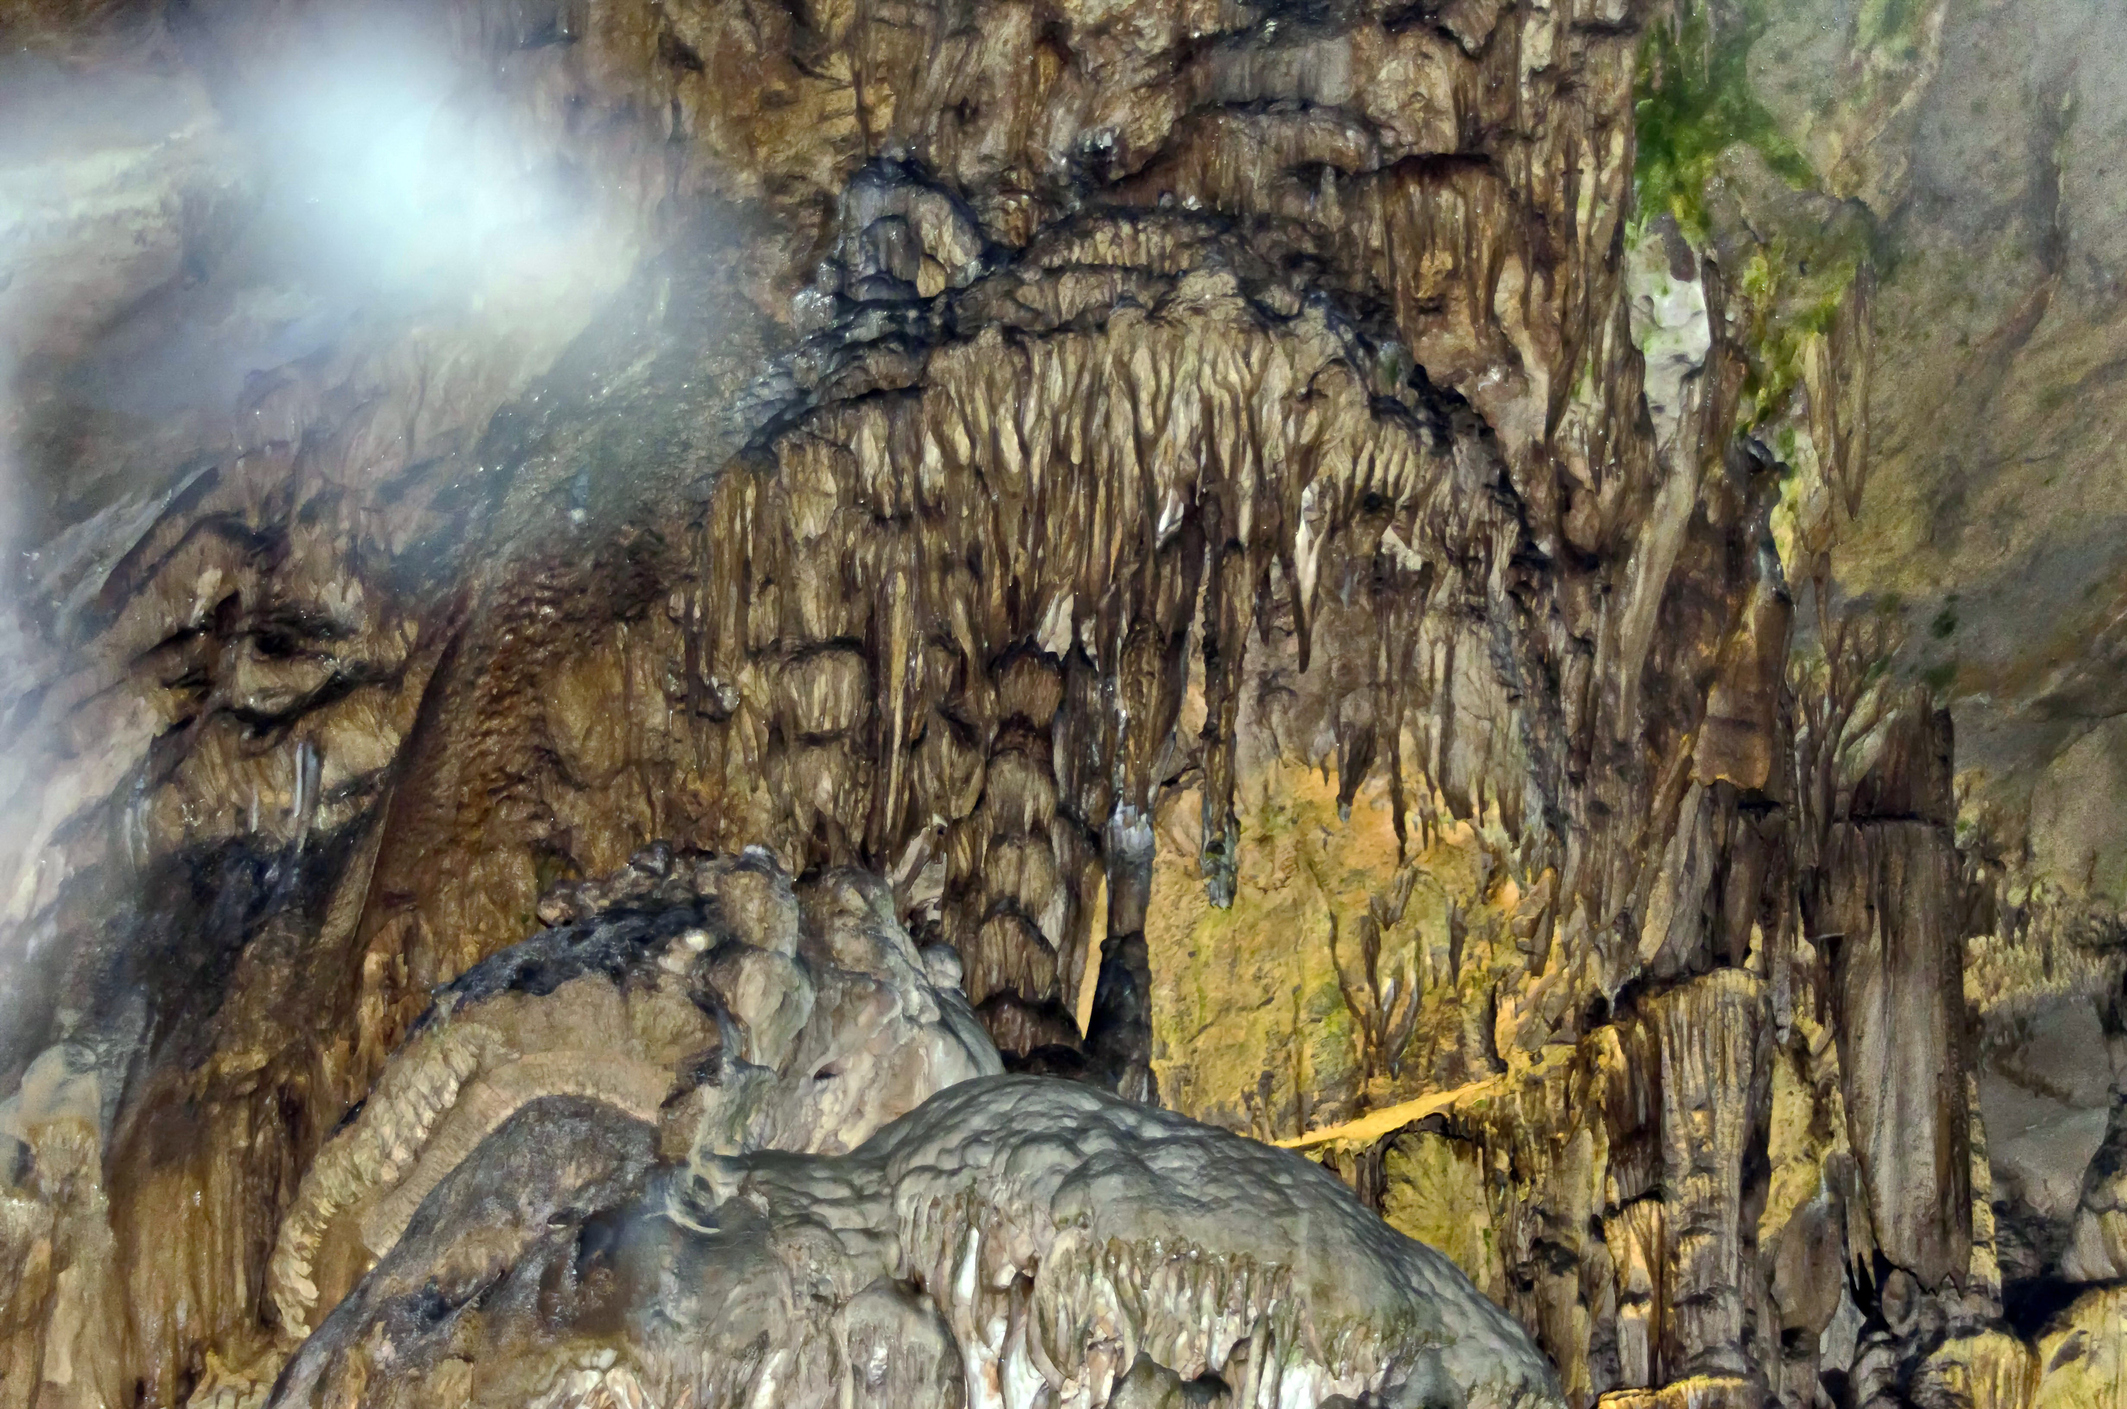 Езерото в пещерата Леденика.<br /> В пещерата се намира Езерото на желанията, което е малко по размер, но с голяма слава. Хората вярват, че когато някой иска нещо много силно, трябва непременно да посети това езеро, защото водата му е вълшебна. Вярва се, че благодарение на силата си осъществява най-горещите ни молби и ни избавя от тежки болежки.